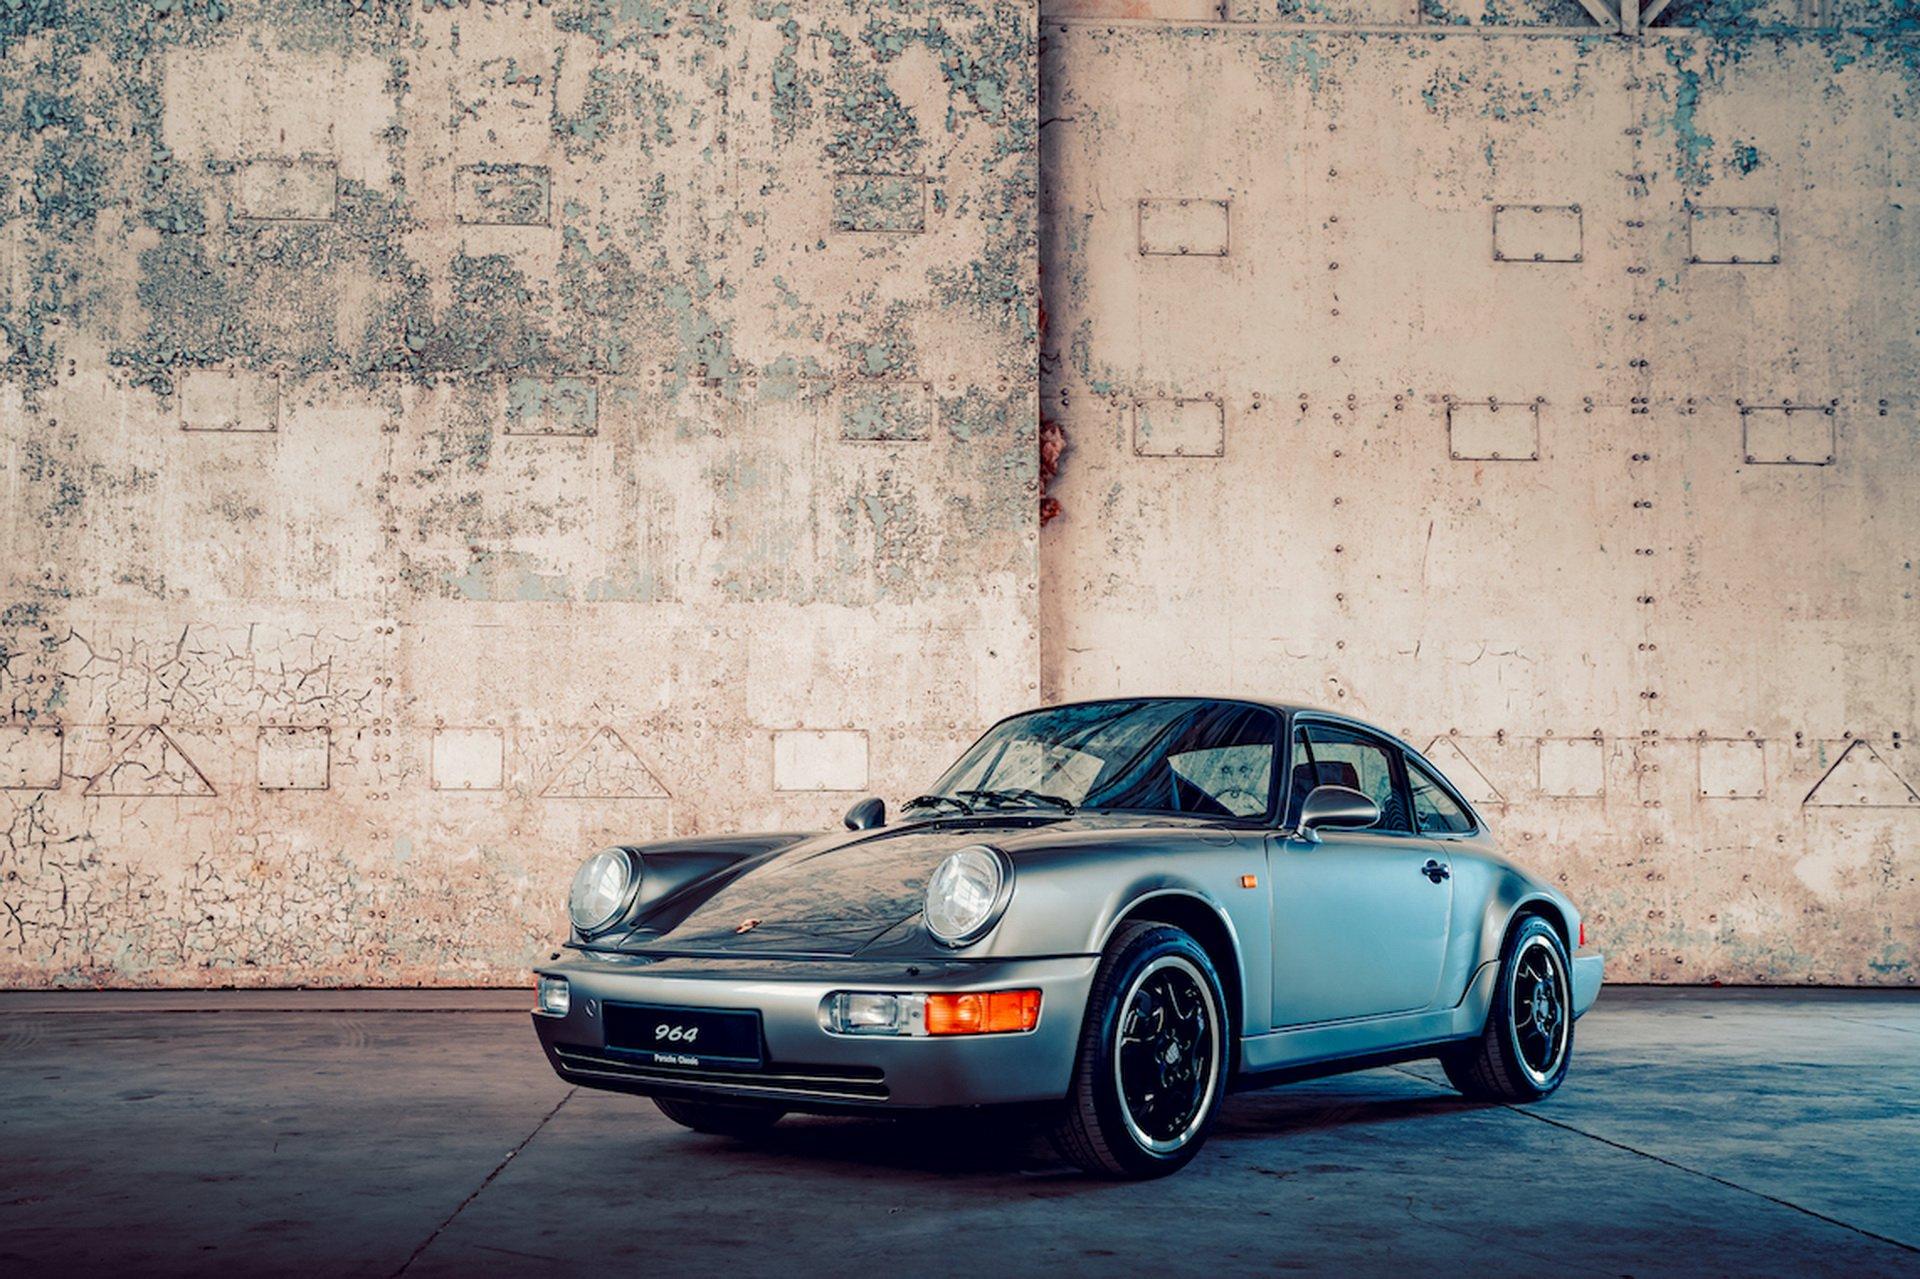 Porsche restaura 20 coches clásicos en Reino Unido